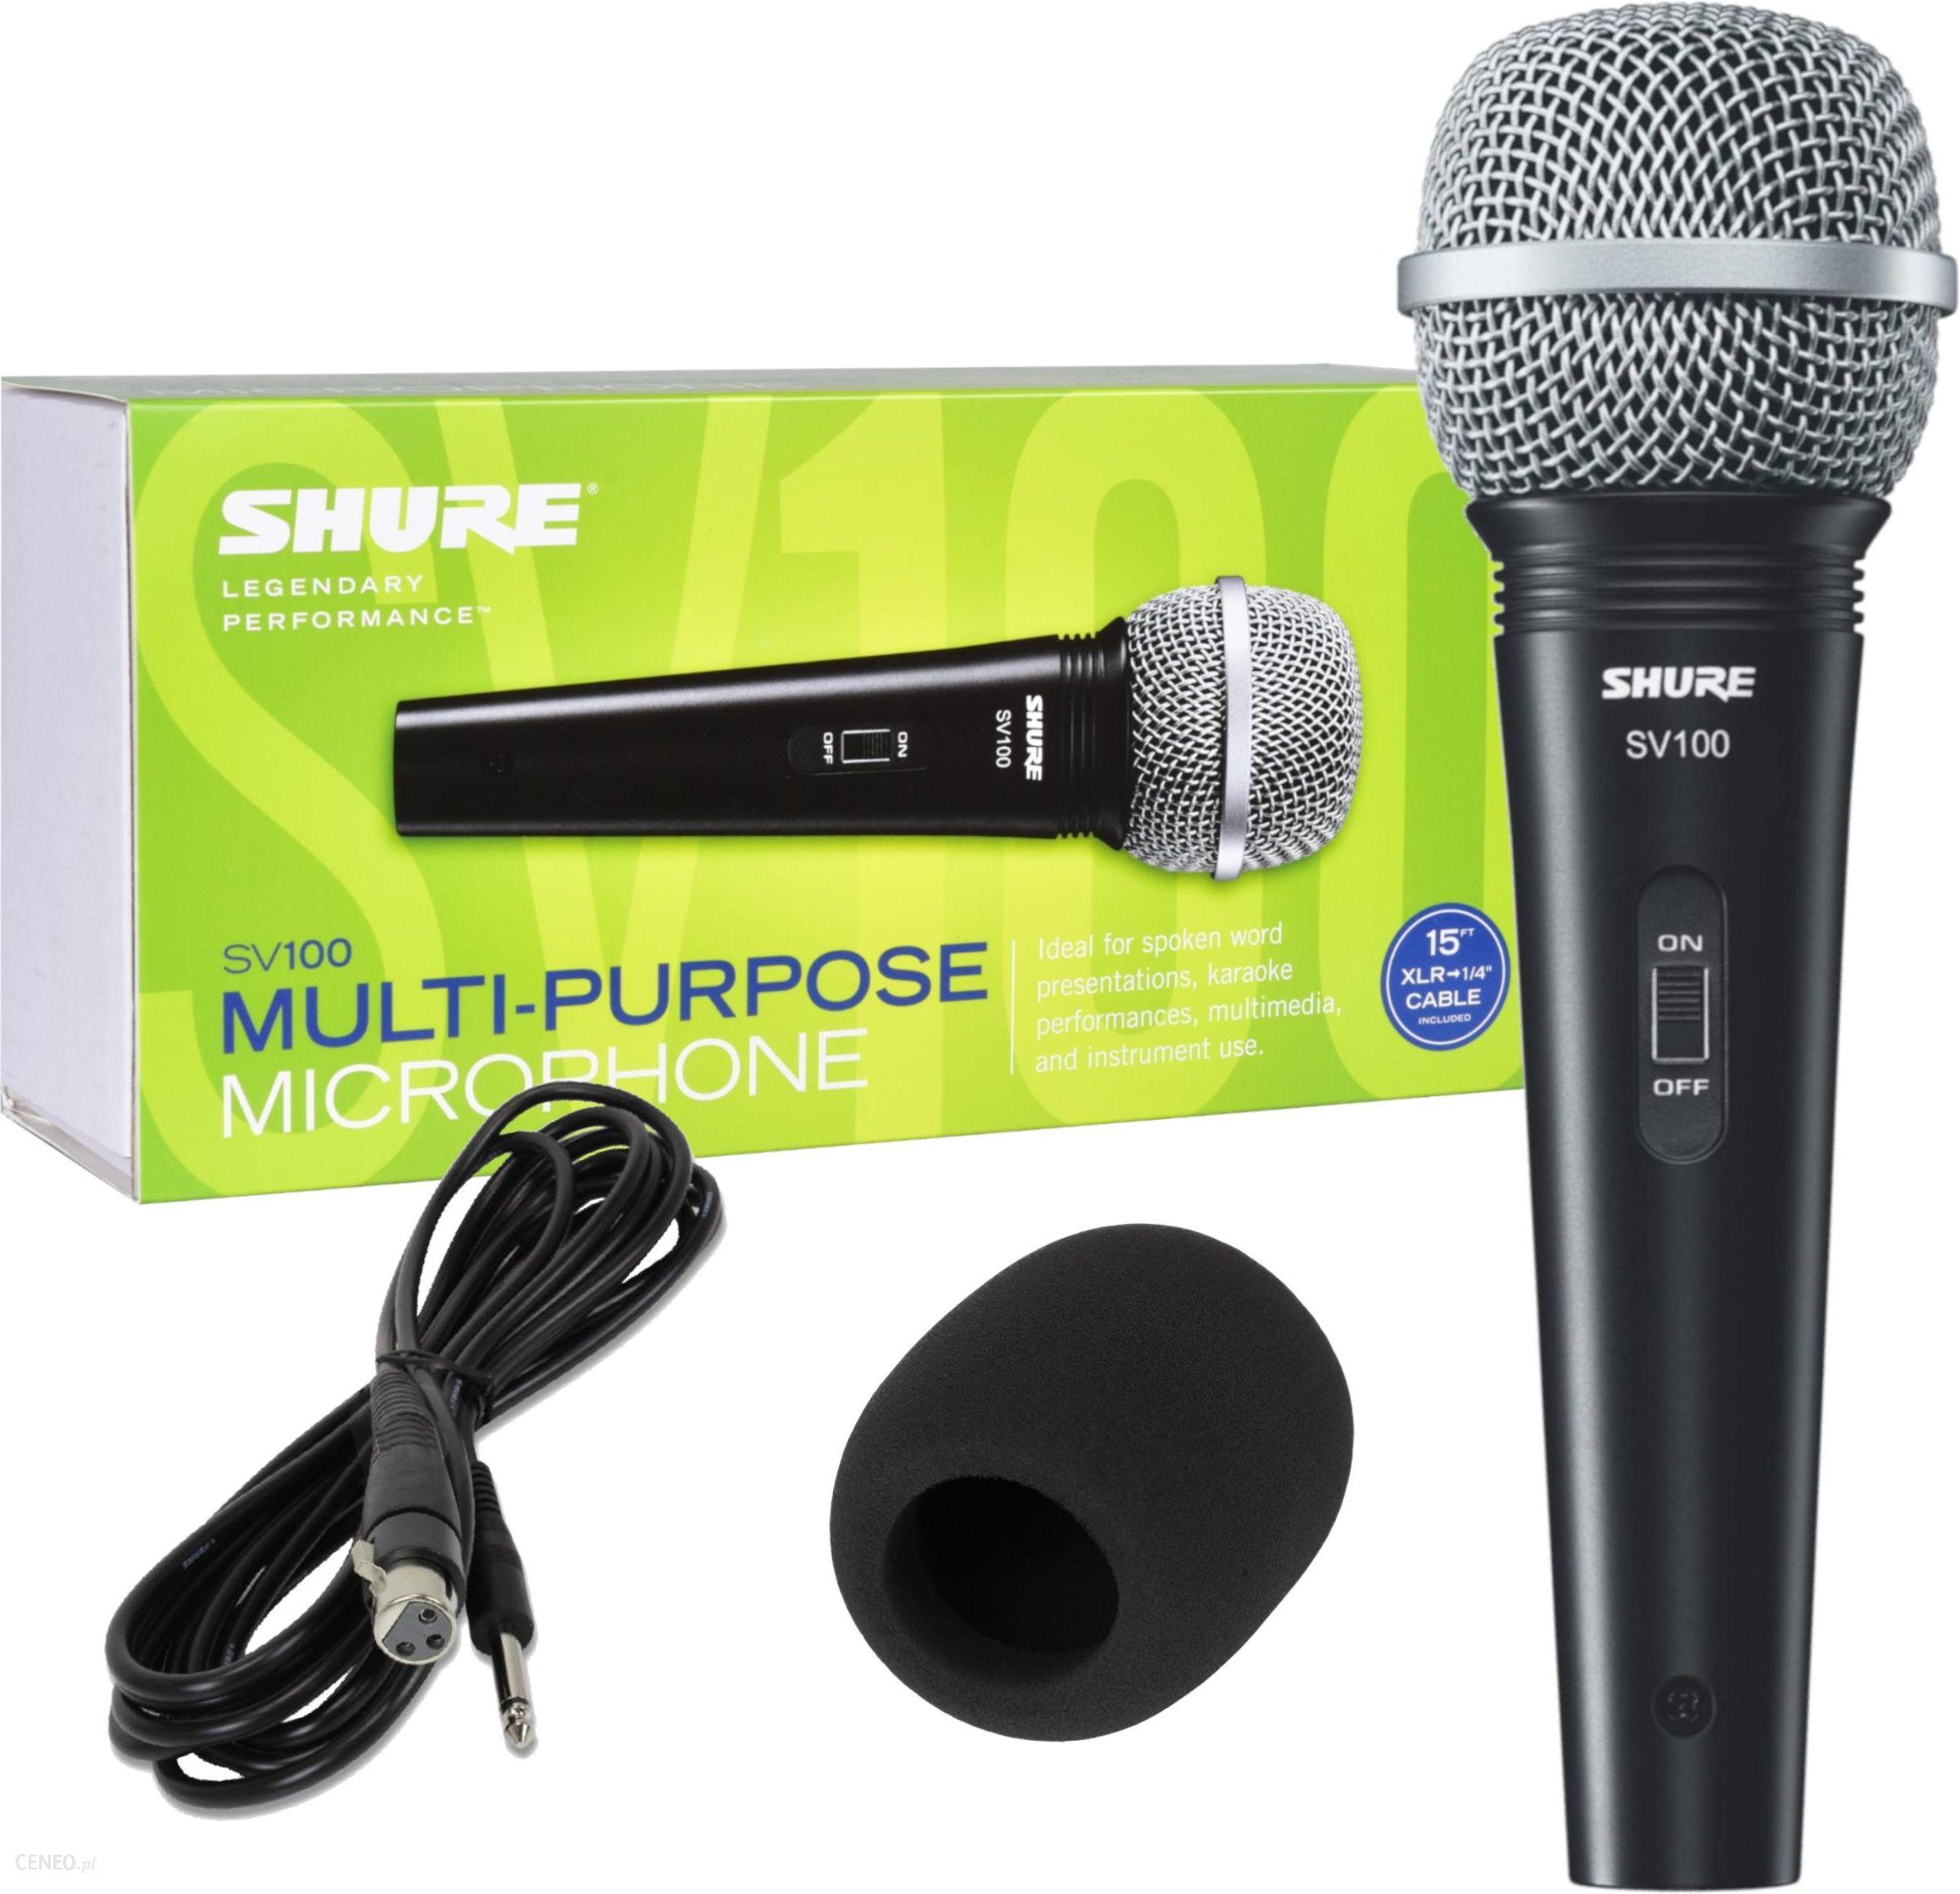 Mikrofon Shure Sv 100 Ceny I Opinie Ceneo Pl